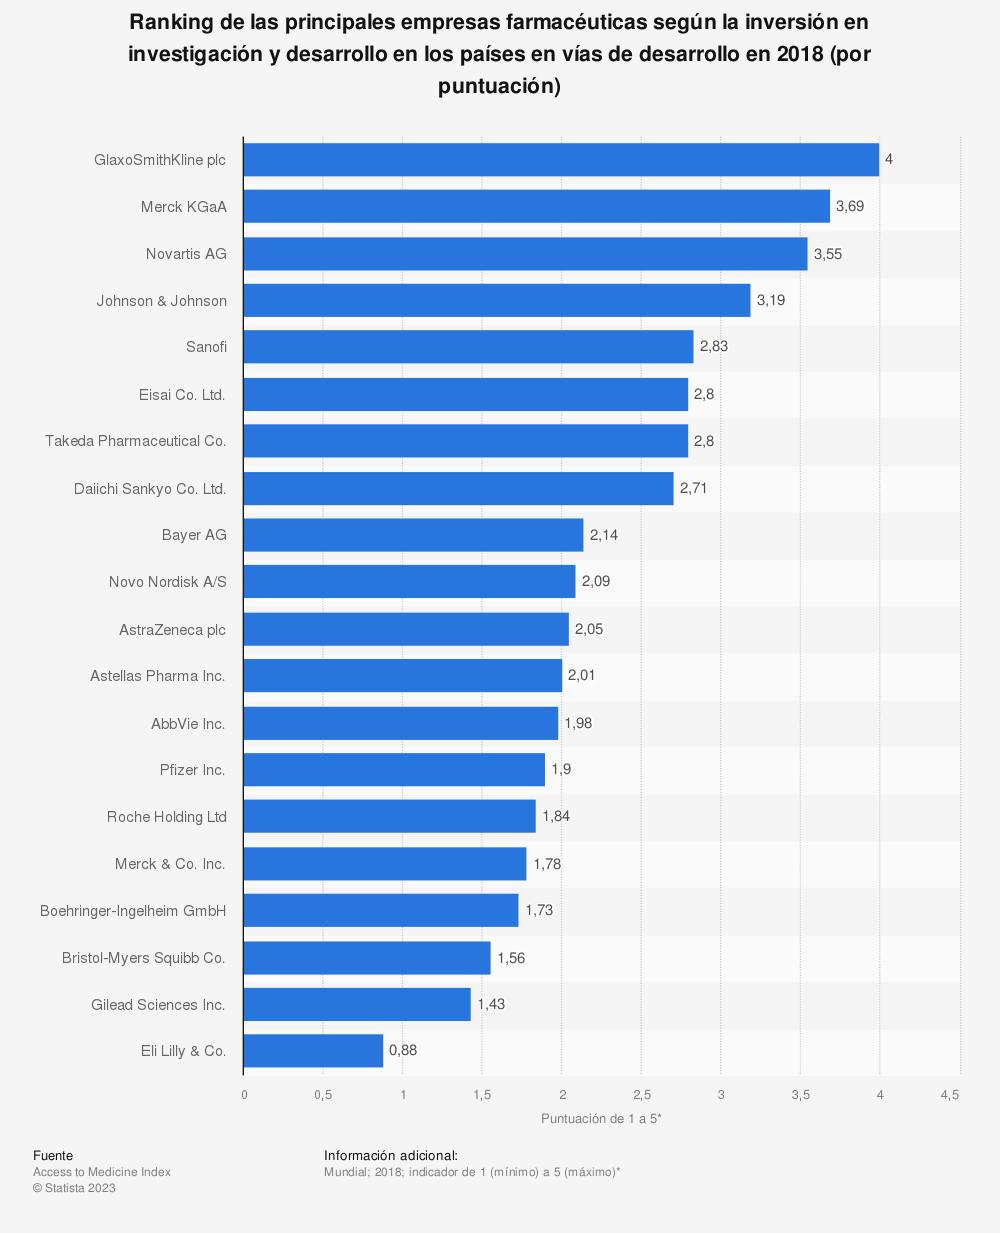 Estadística: Ranking de las principales empresas farmacéuticas según la inversión en investigación y desarrollo en los países en vías de desarrollo en 2018 (por puntuación) | Statista